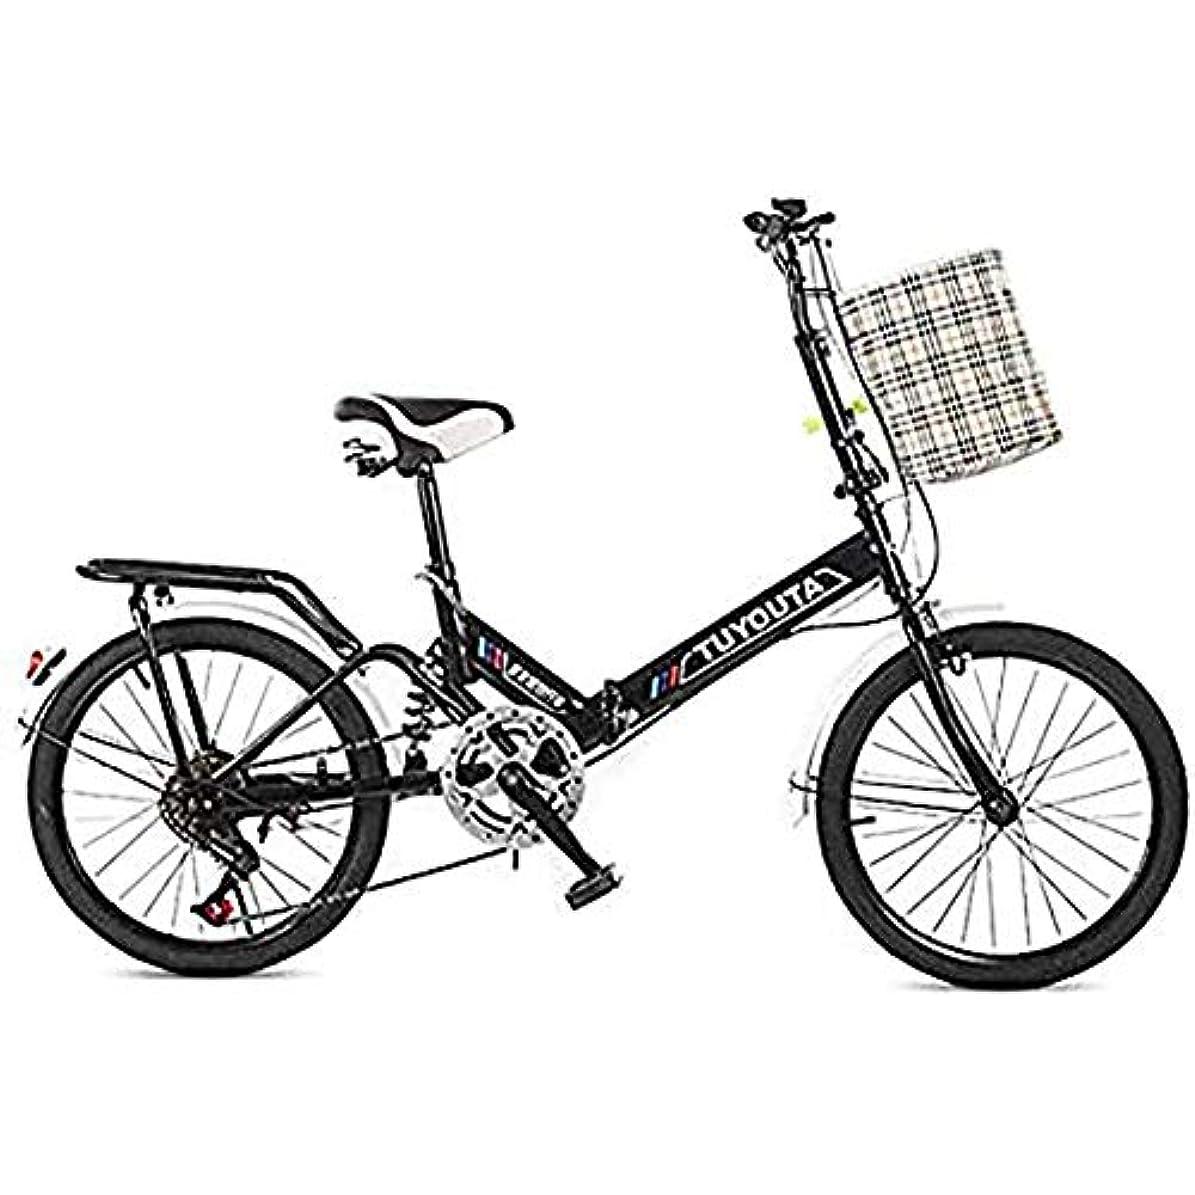 虎弓極めて20インチ折りたたみ学生可変速自転車強化炭素鋼の高硬度ノンスリップ耐摩耗性アンチスタブ大人の衝撃吸収自転車,黒,20 inches